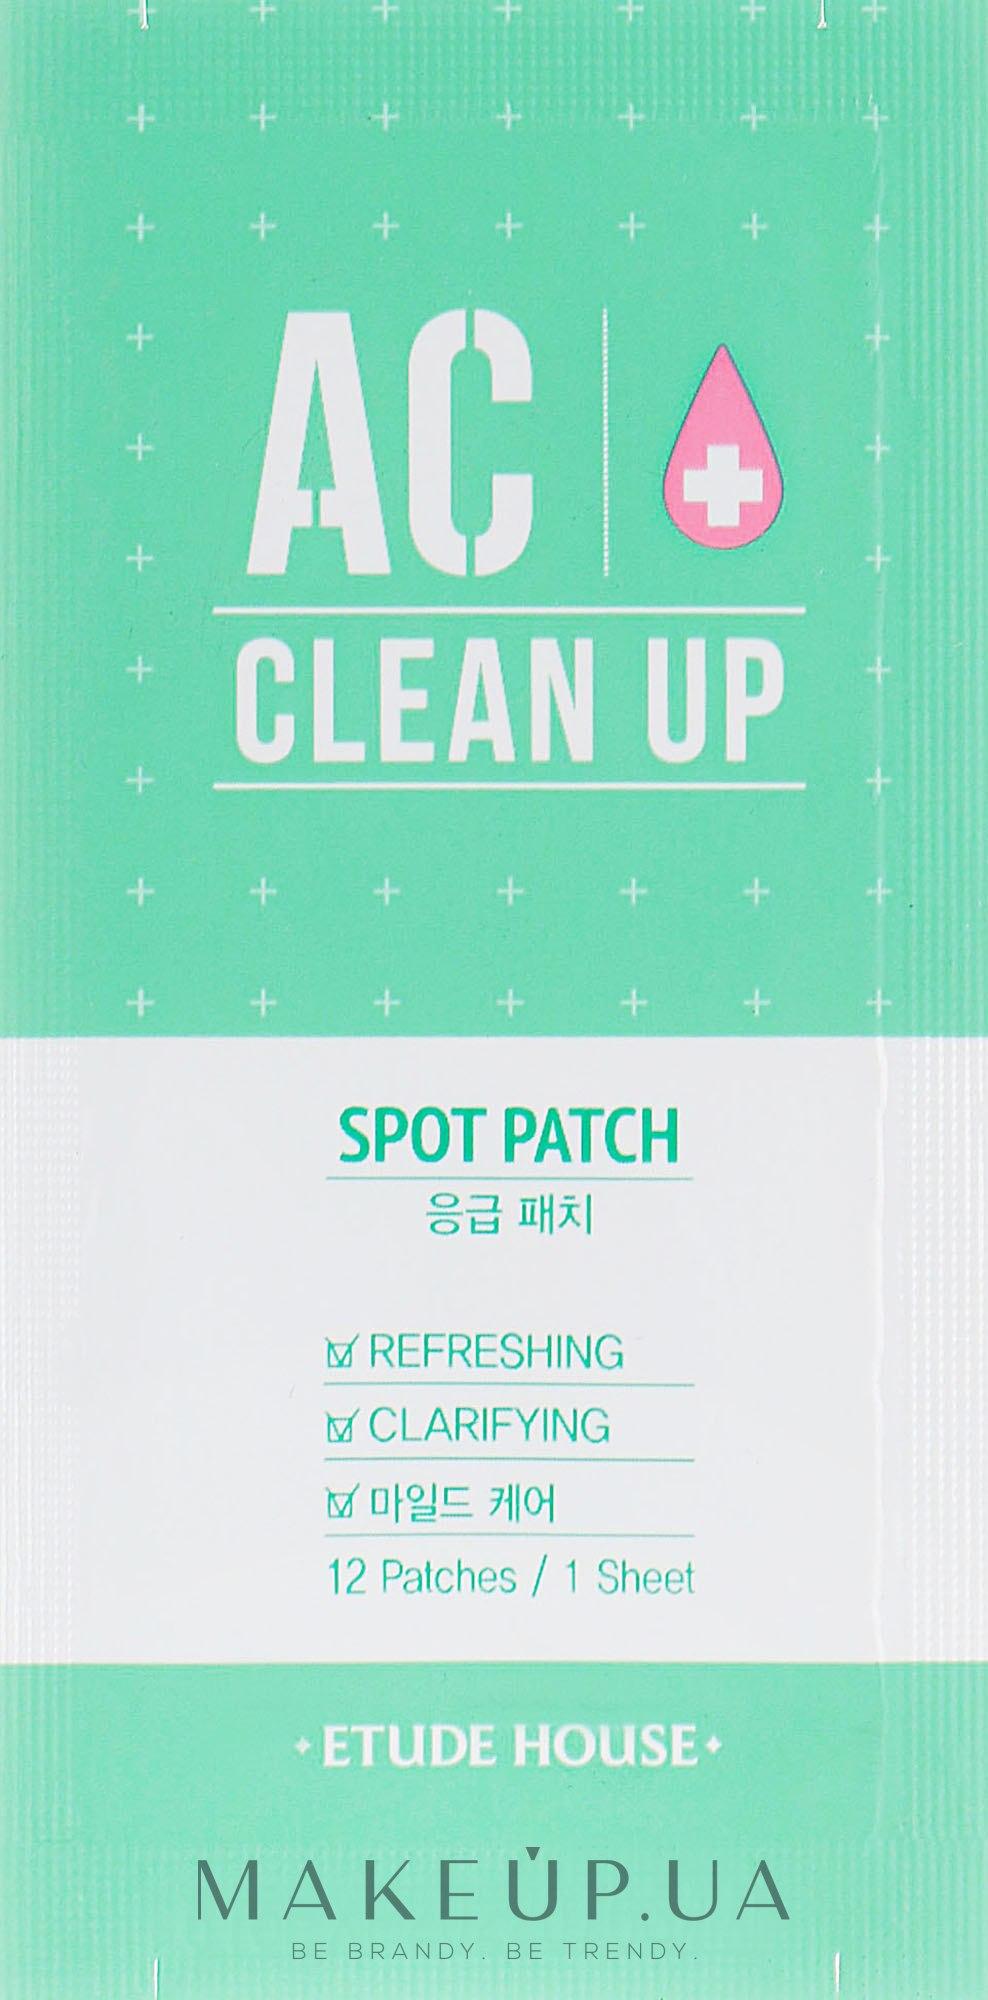 Точечные пластыри от воспалений - Etude House AC Clean Up Spot Patch  — фото 12шт